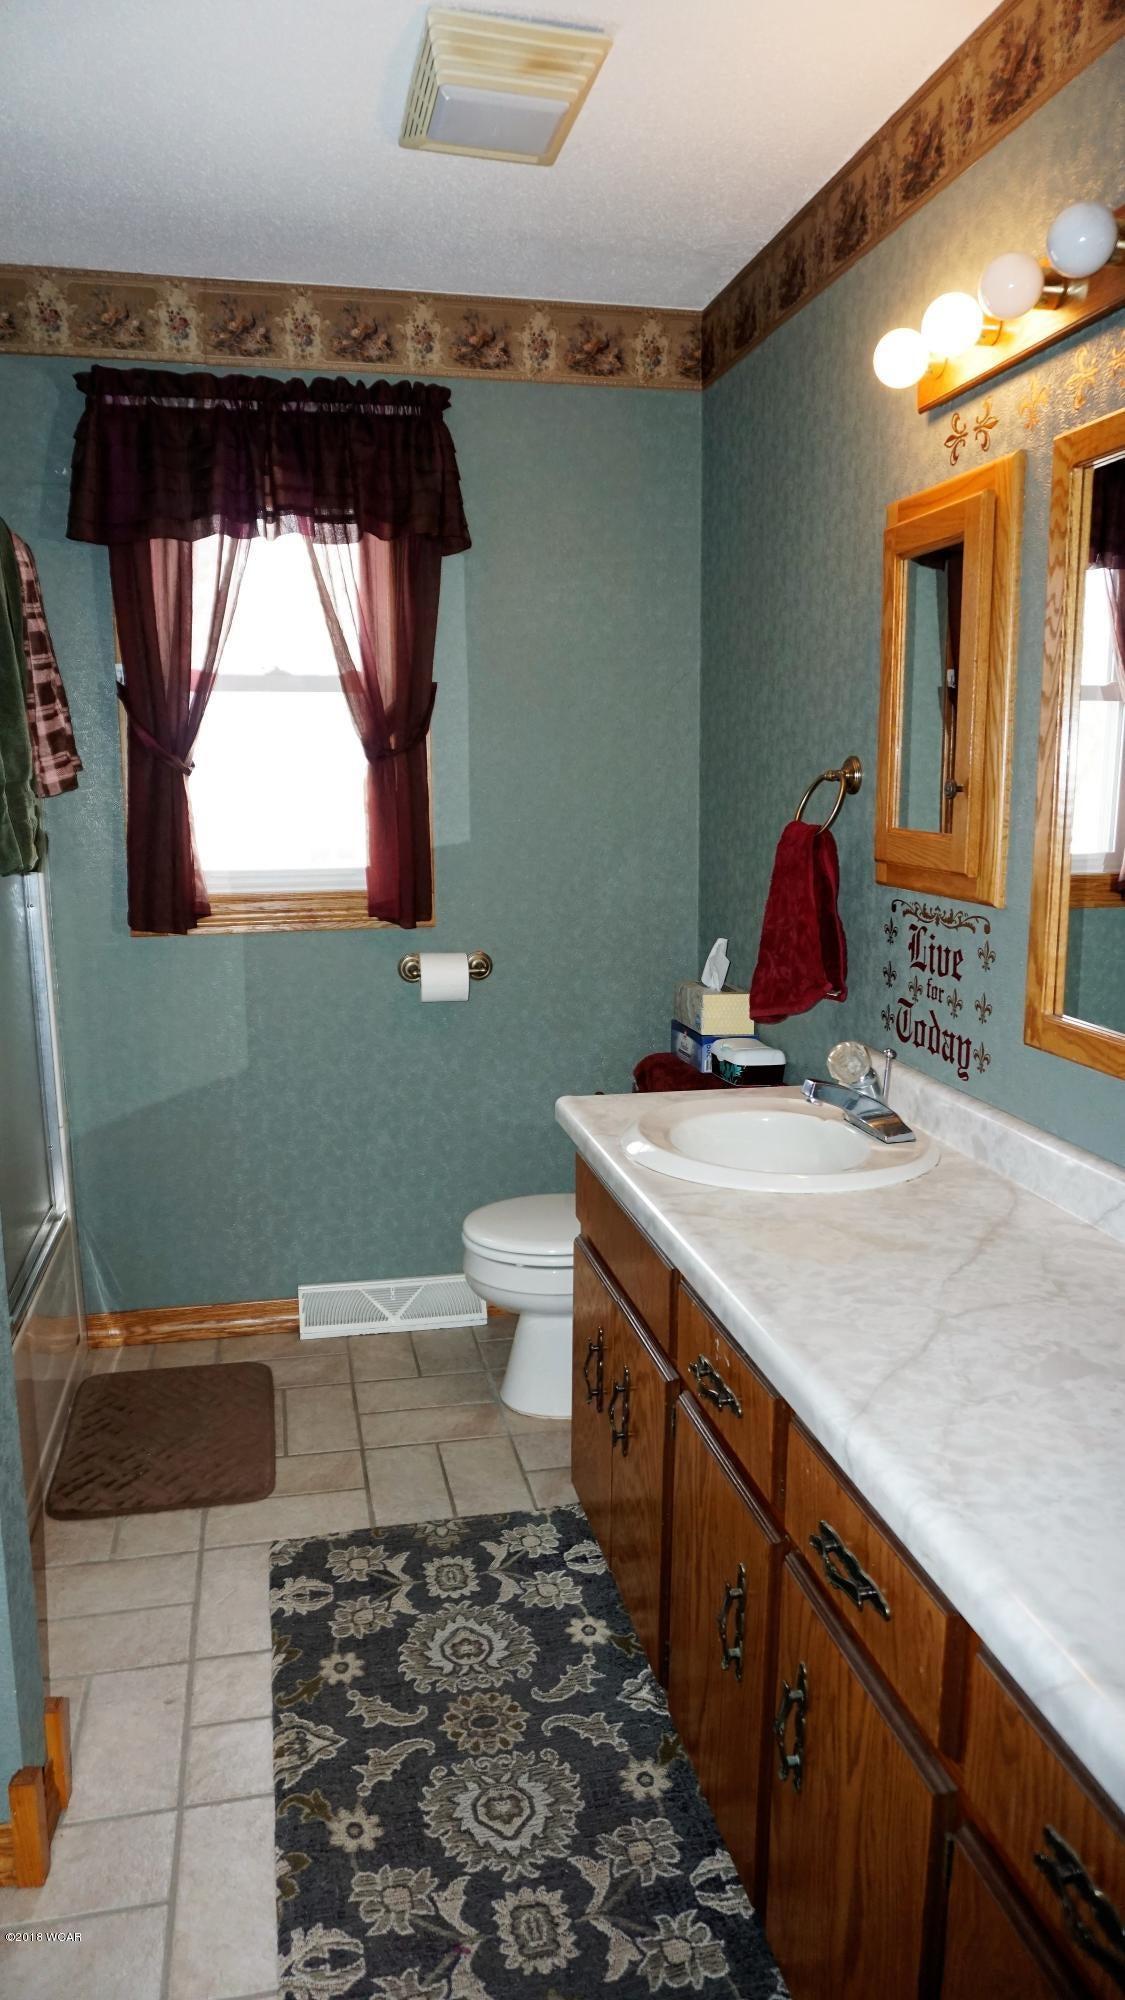 389 Rose Avenue,Eden Valley,4 Bedrooms Bedrooms,2 BathroomsBathrooms,Single Family,Rose Avenue,6030197